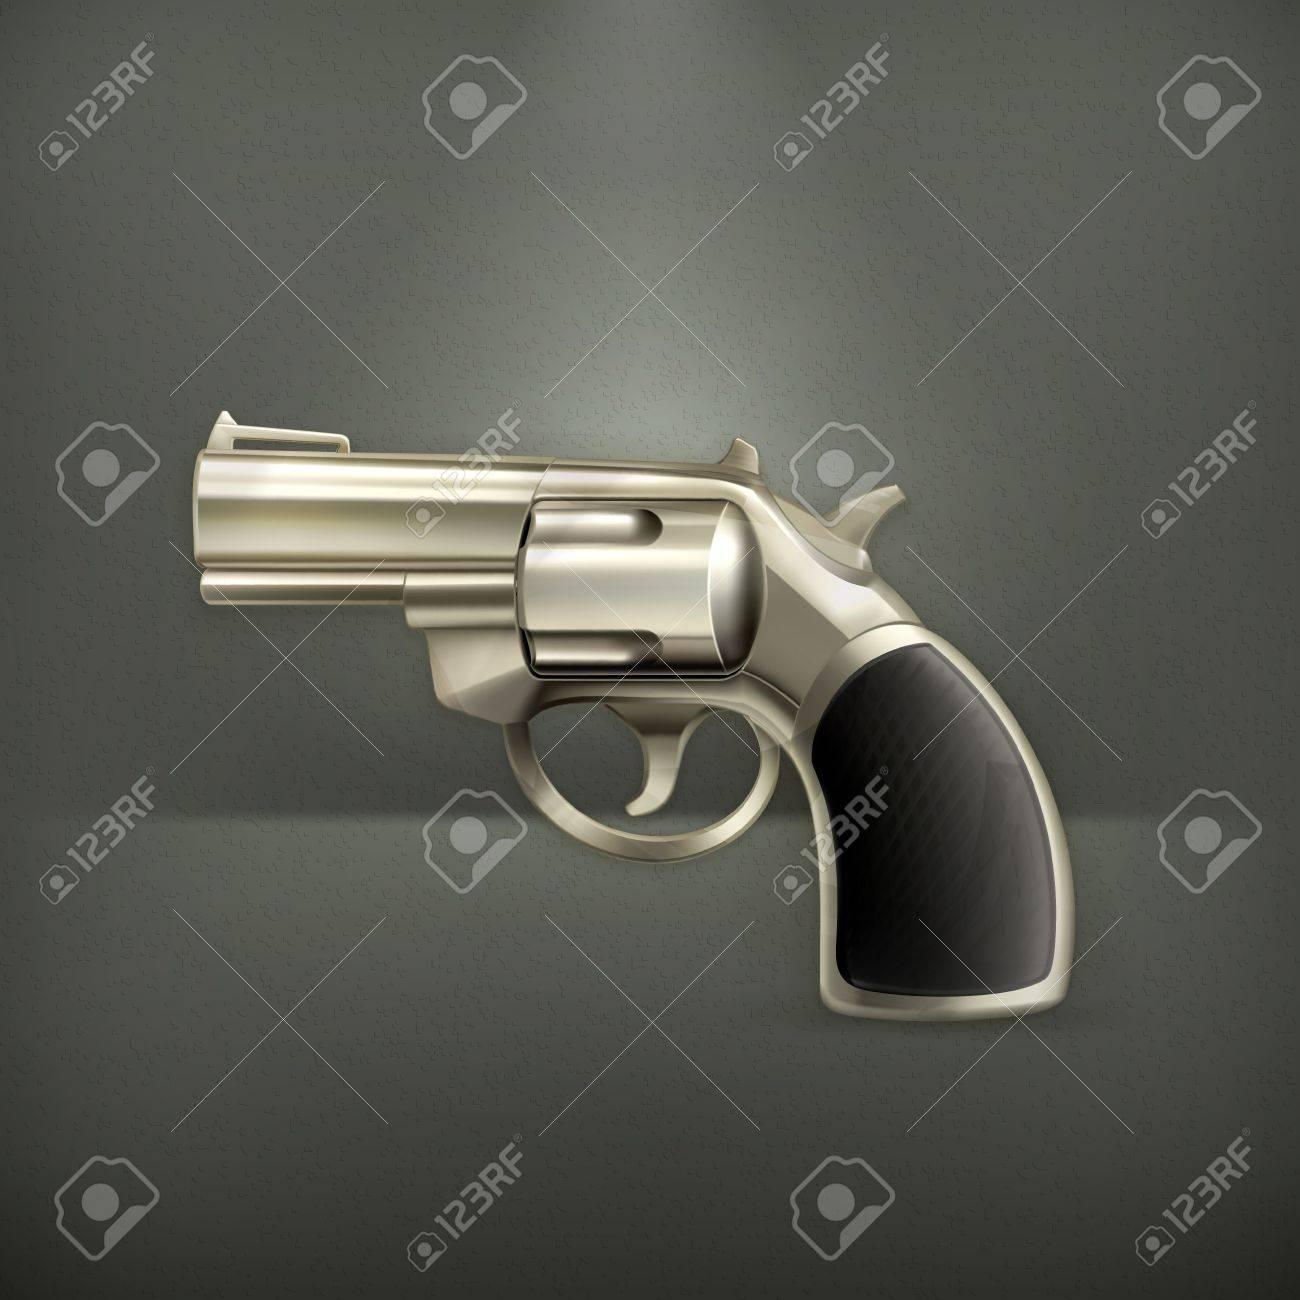 Handgun Stock Vector - 19346637